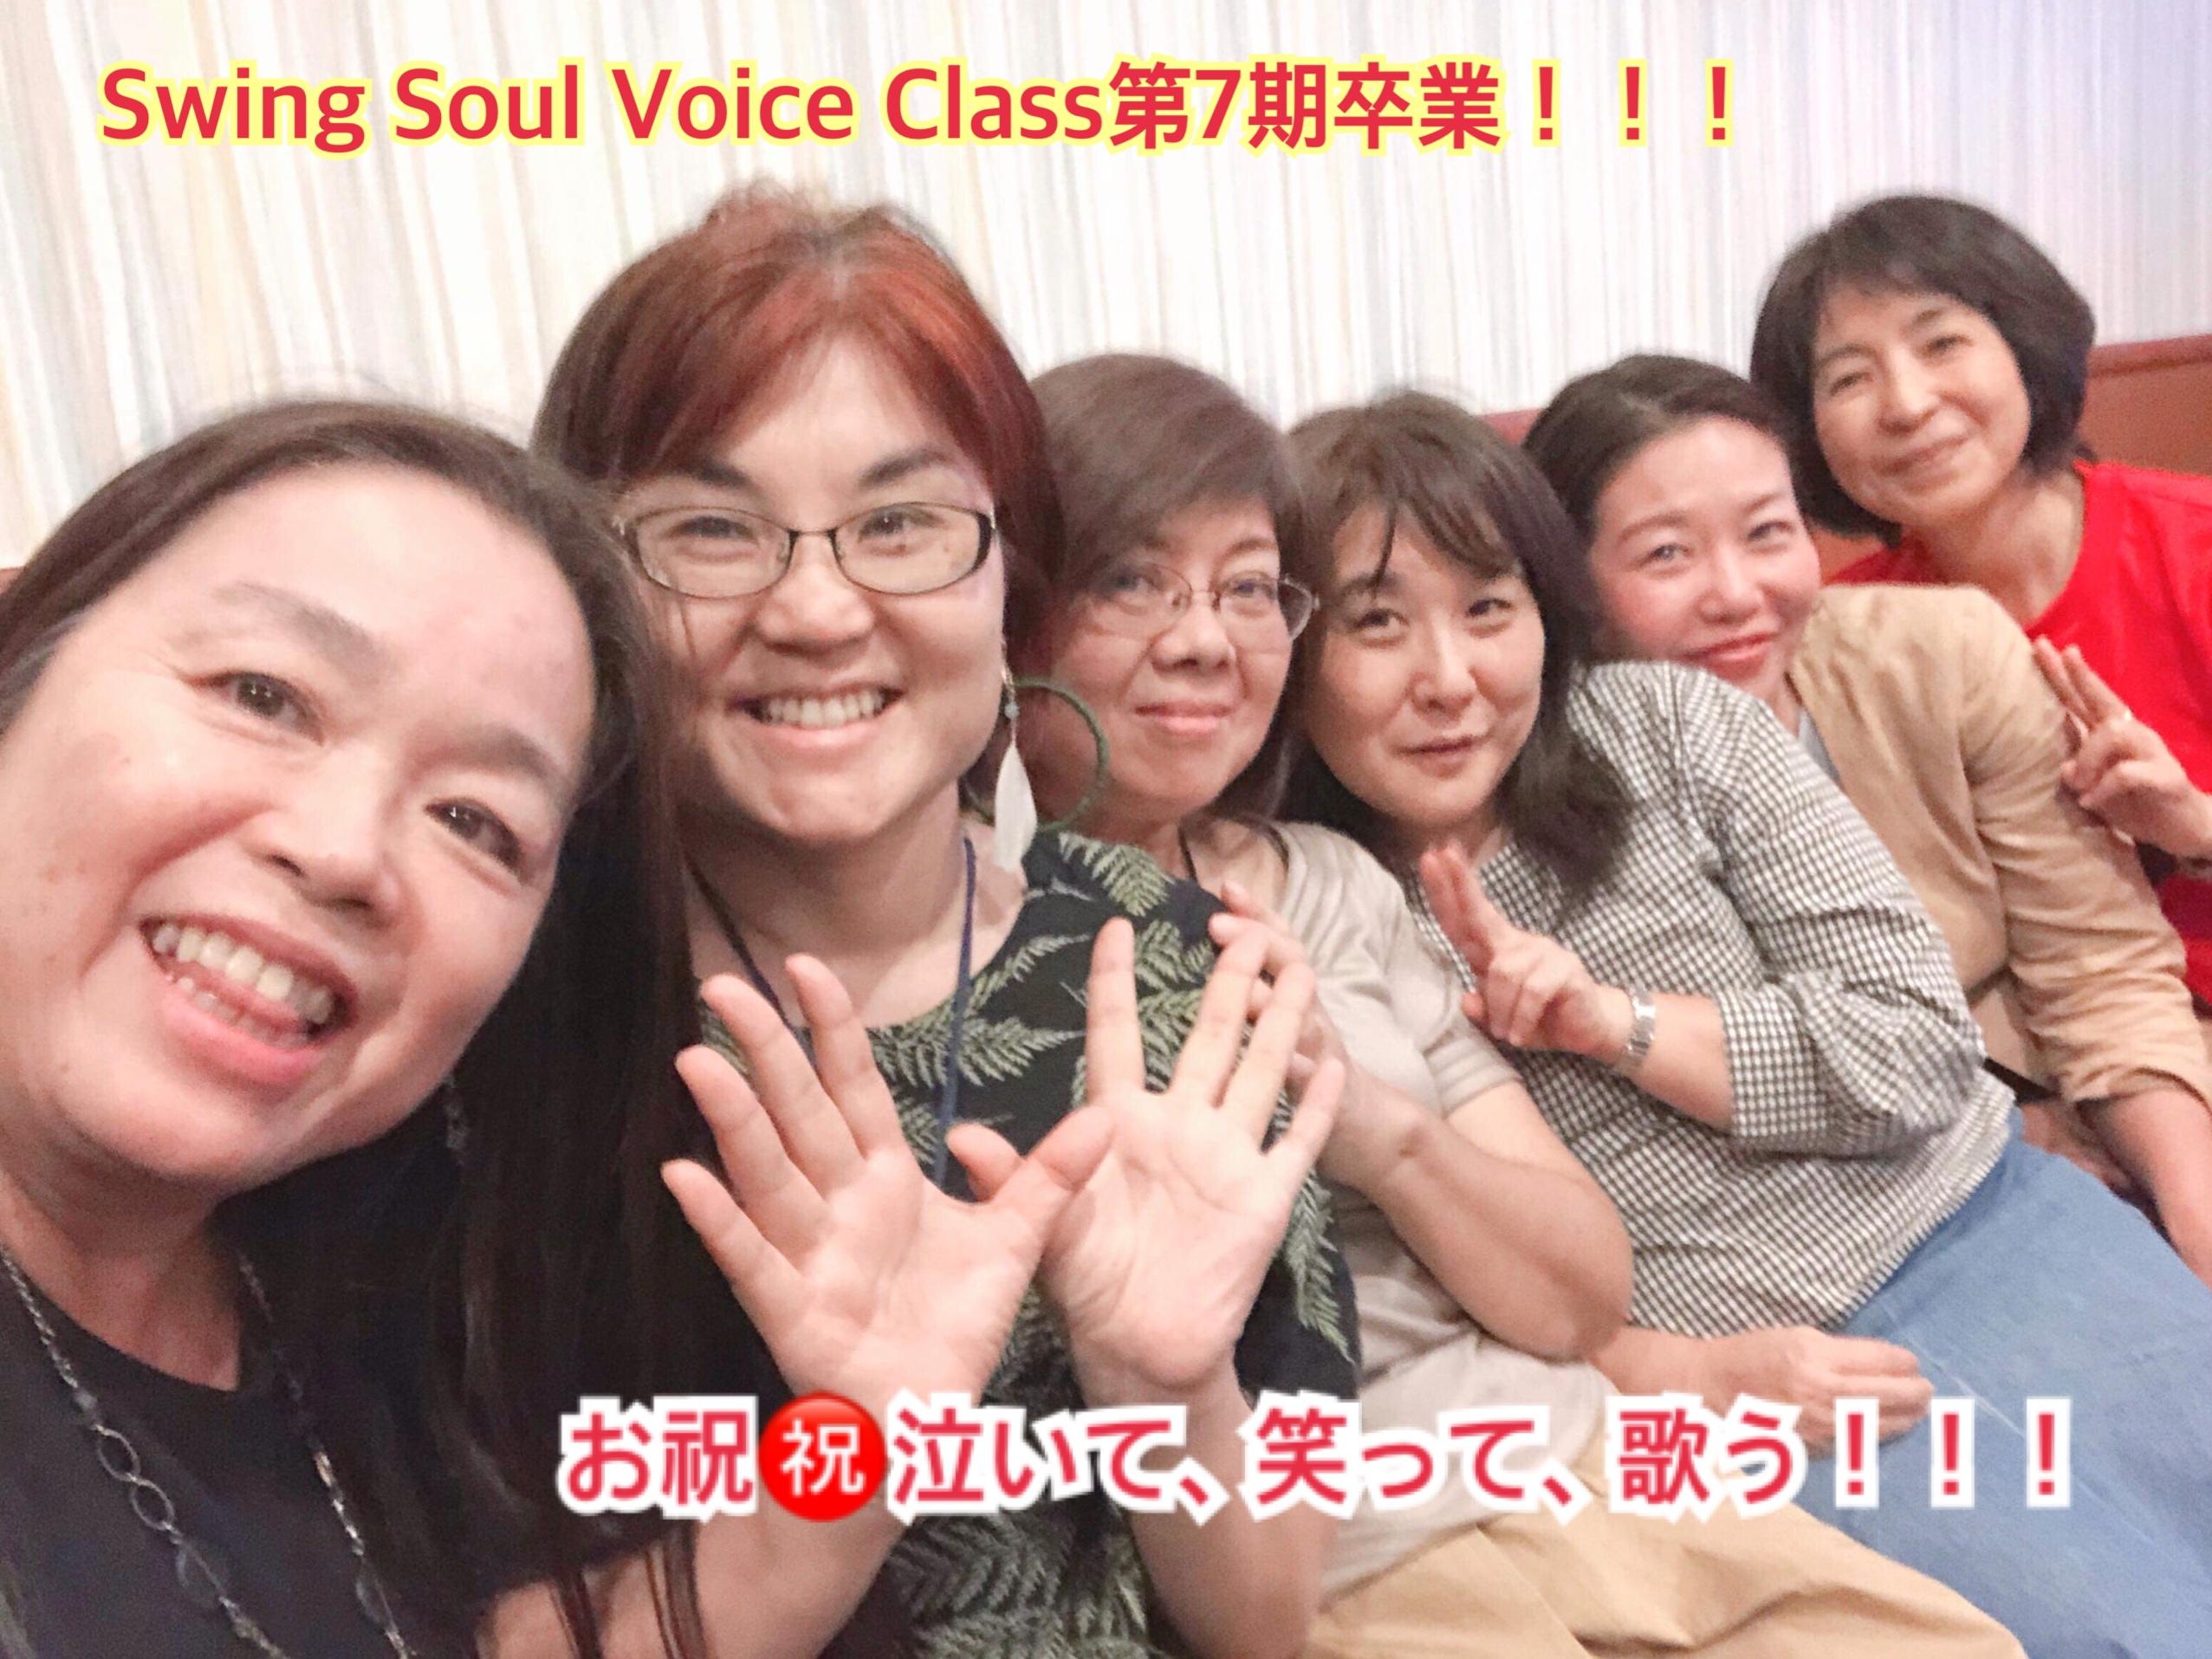 歌、ボイトレ、ボイストレーニング、沖縄、カラオケ、初心者、阿部民子、あべたみこ、ライア、